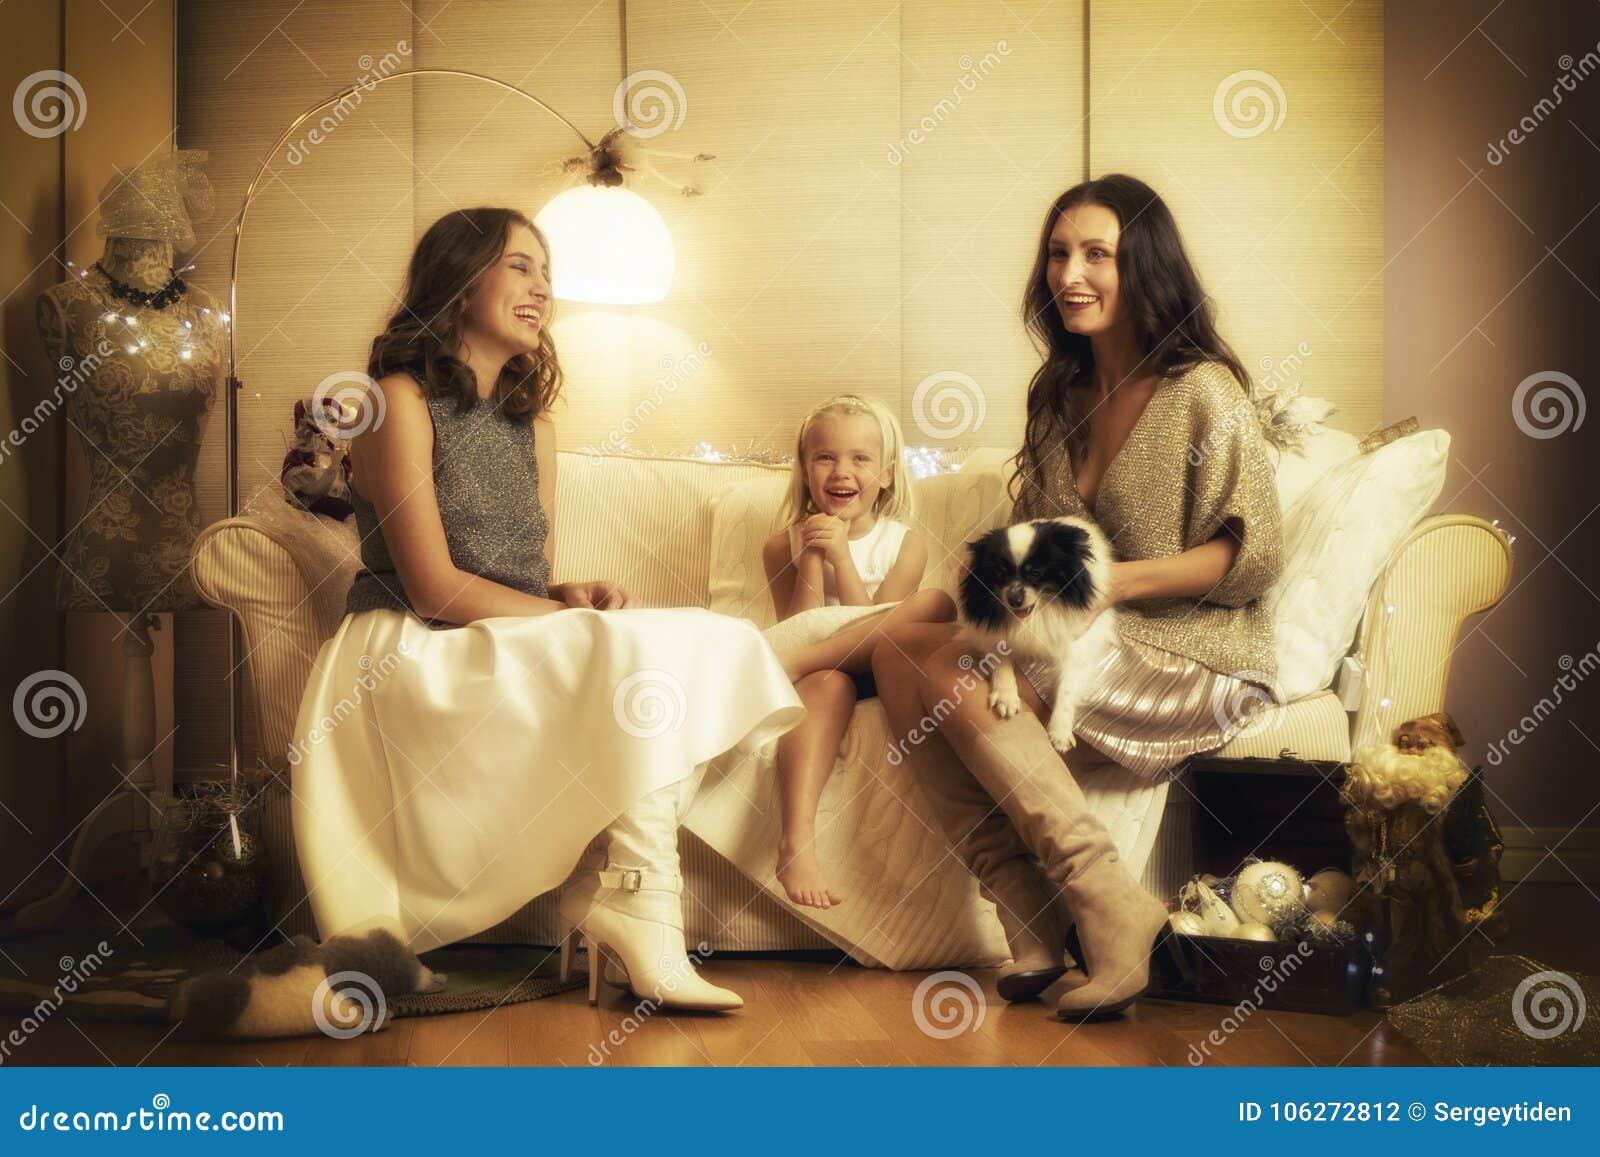 Julphotosession med två flickor, ett barn och en hund i varm ljus studio